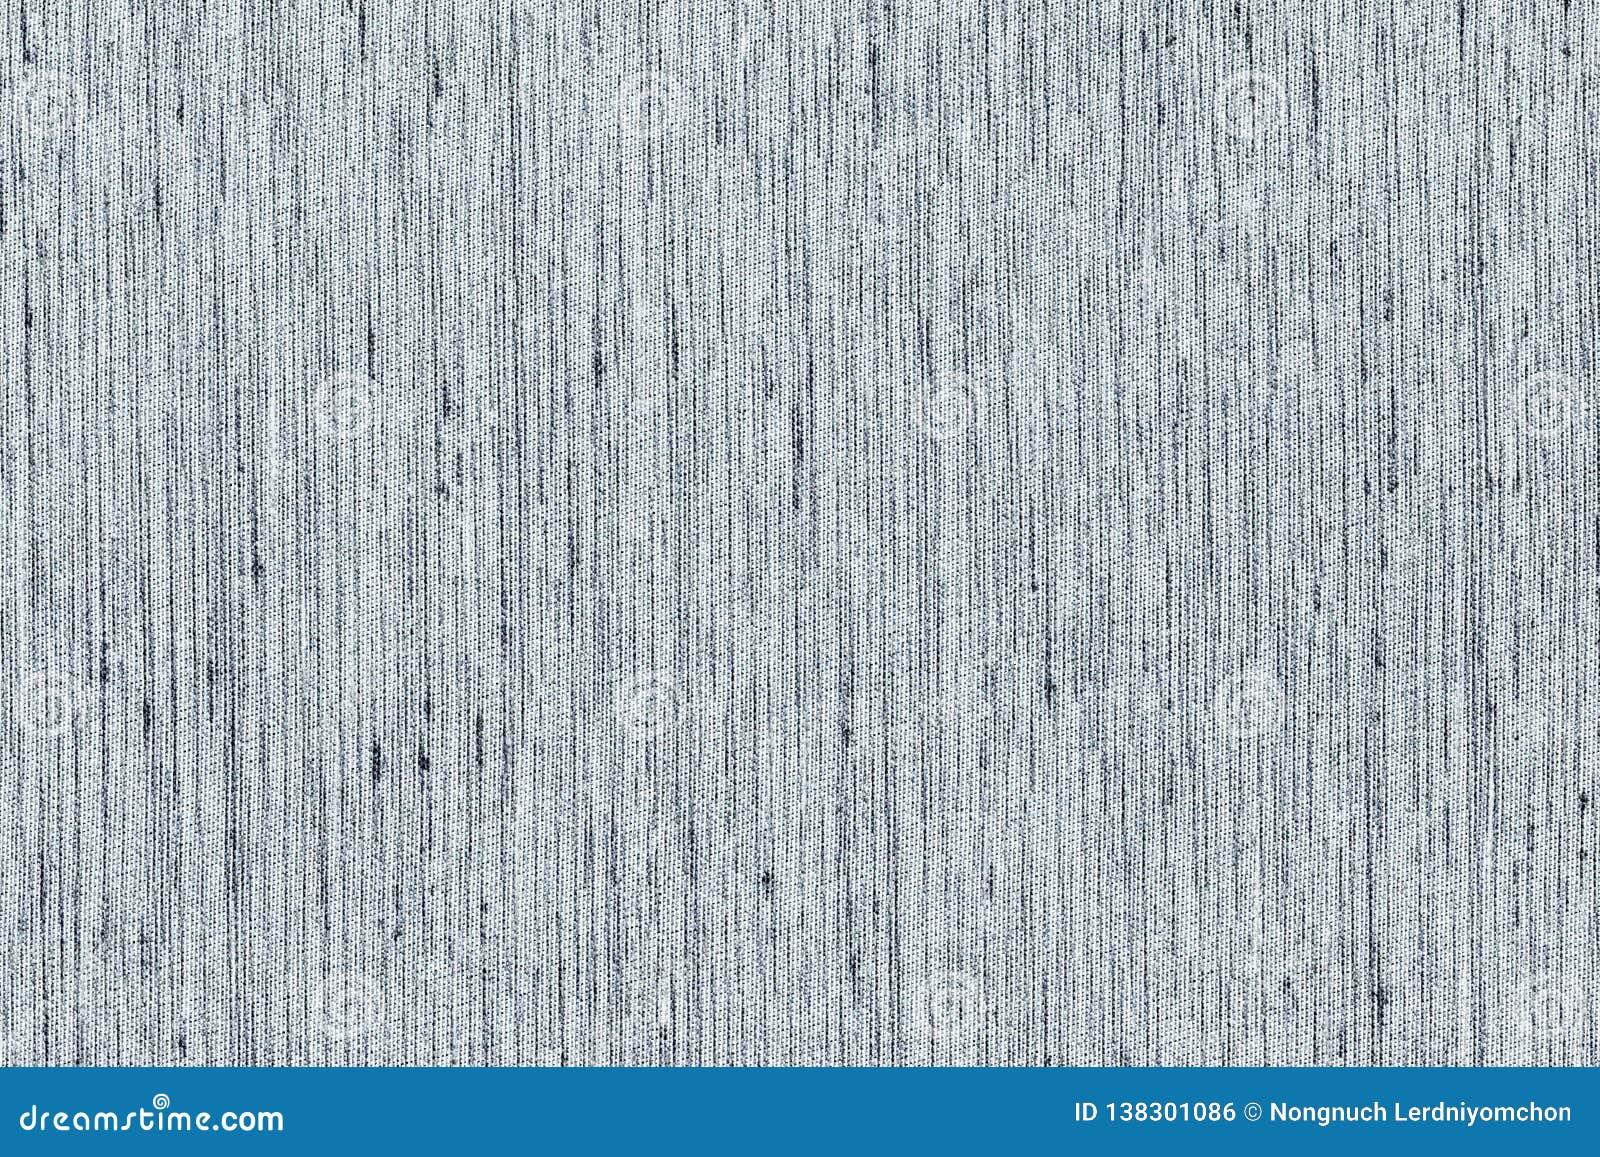 Крупный план черно-белый или светлый - серый фон текстуры образца ткани цветов Светлый - серая линия прокладки дизайн или upholst